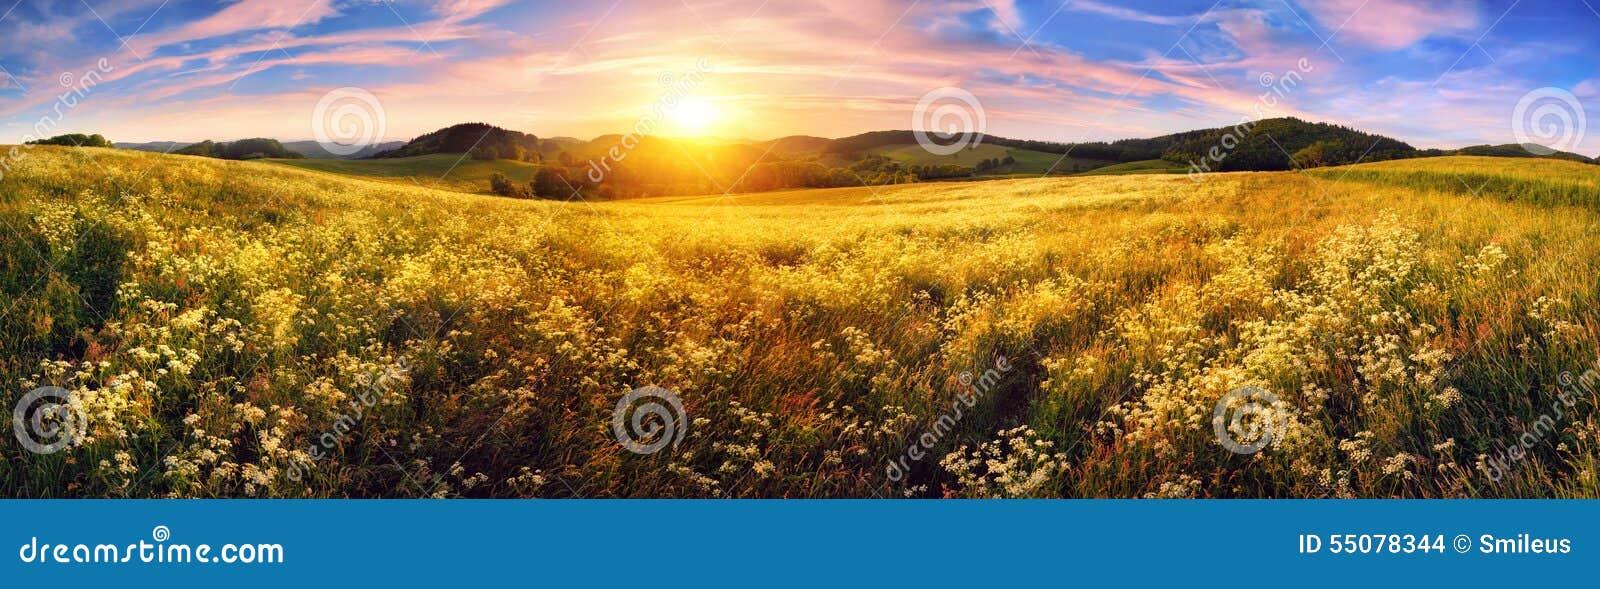 Panorama de um por do sol colorido no prado bonito